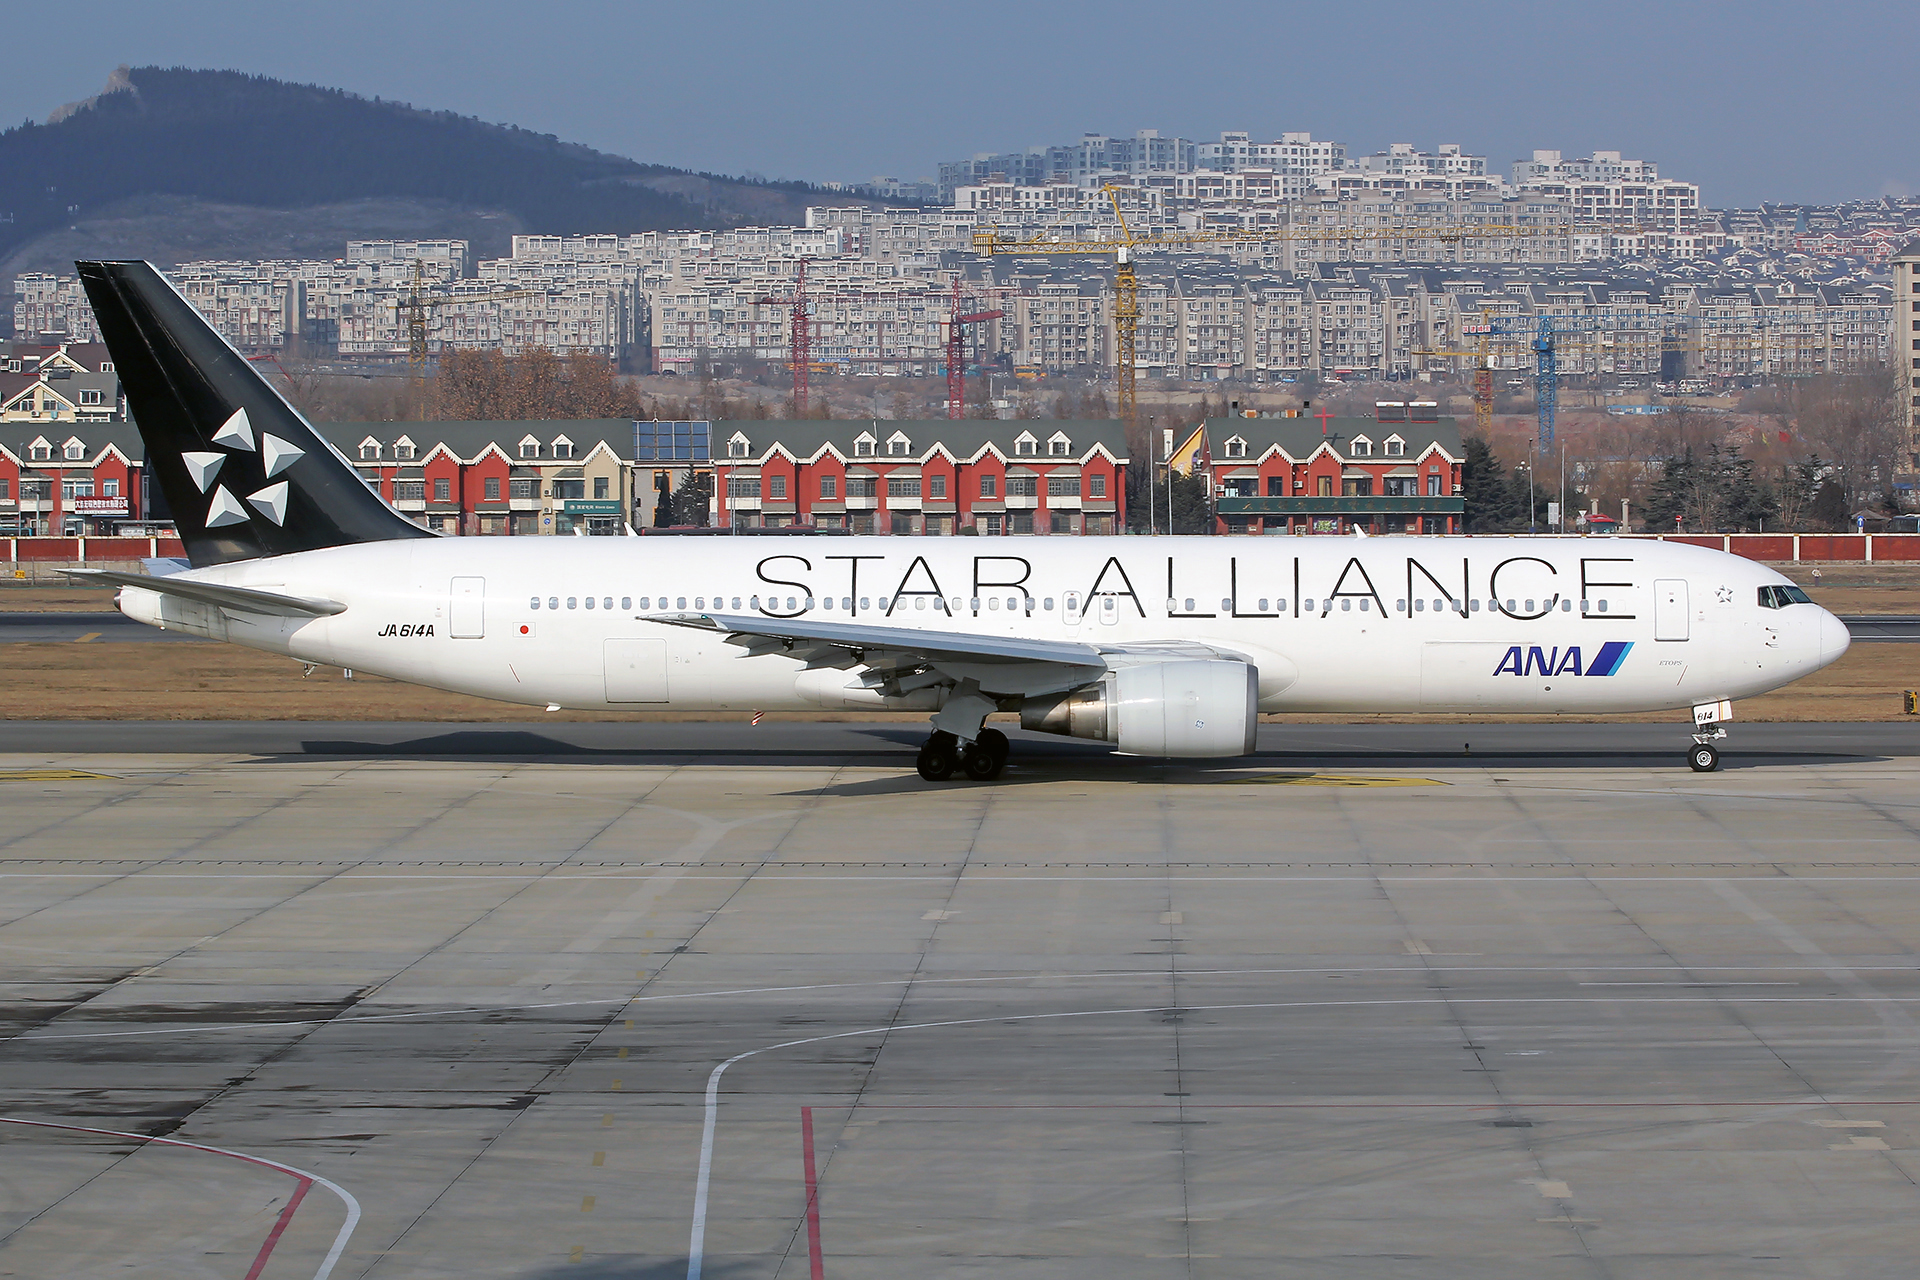 Re:[原创][DLC]。。。省略号吧,无标题。。。 BOEING 767-300ER JA614A 中国大连国际机场